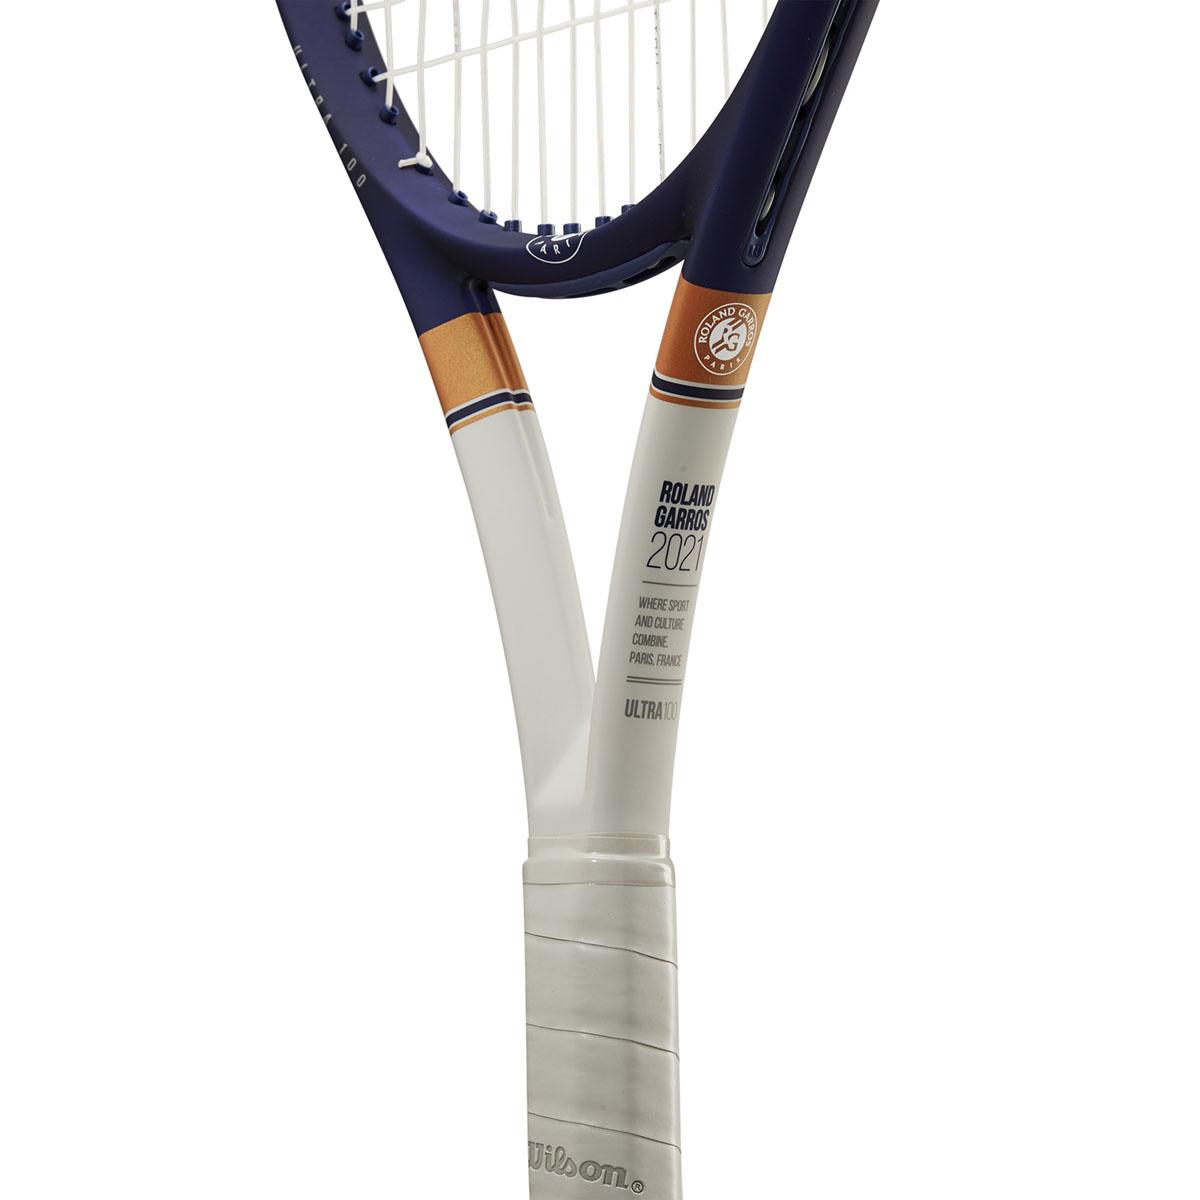 WR068411U_5_Ultra_100_Roland_Garros_NY_OR_GY.png.cq5dam.web.2000.2000